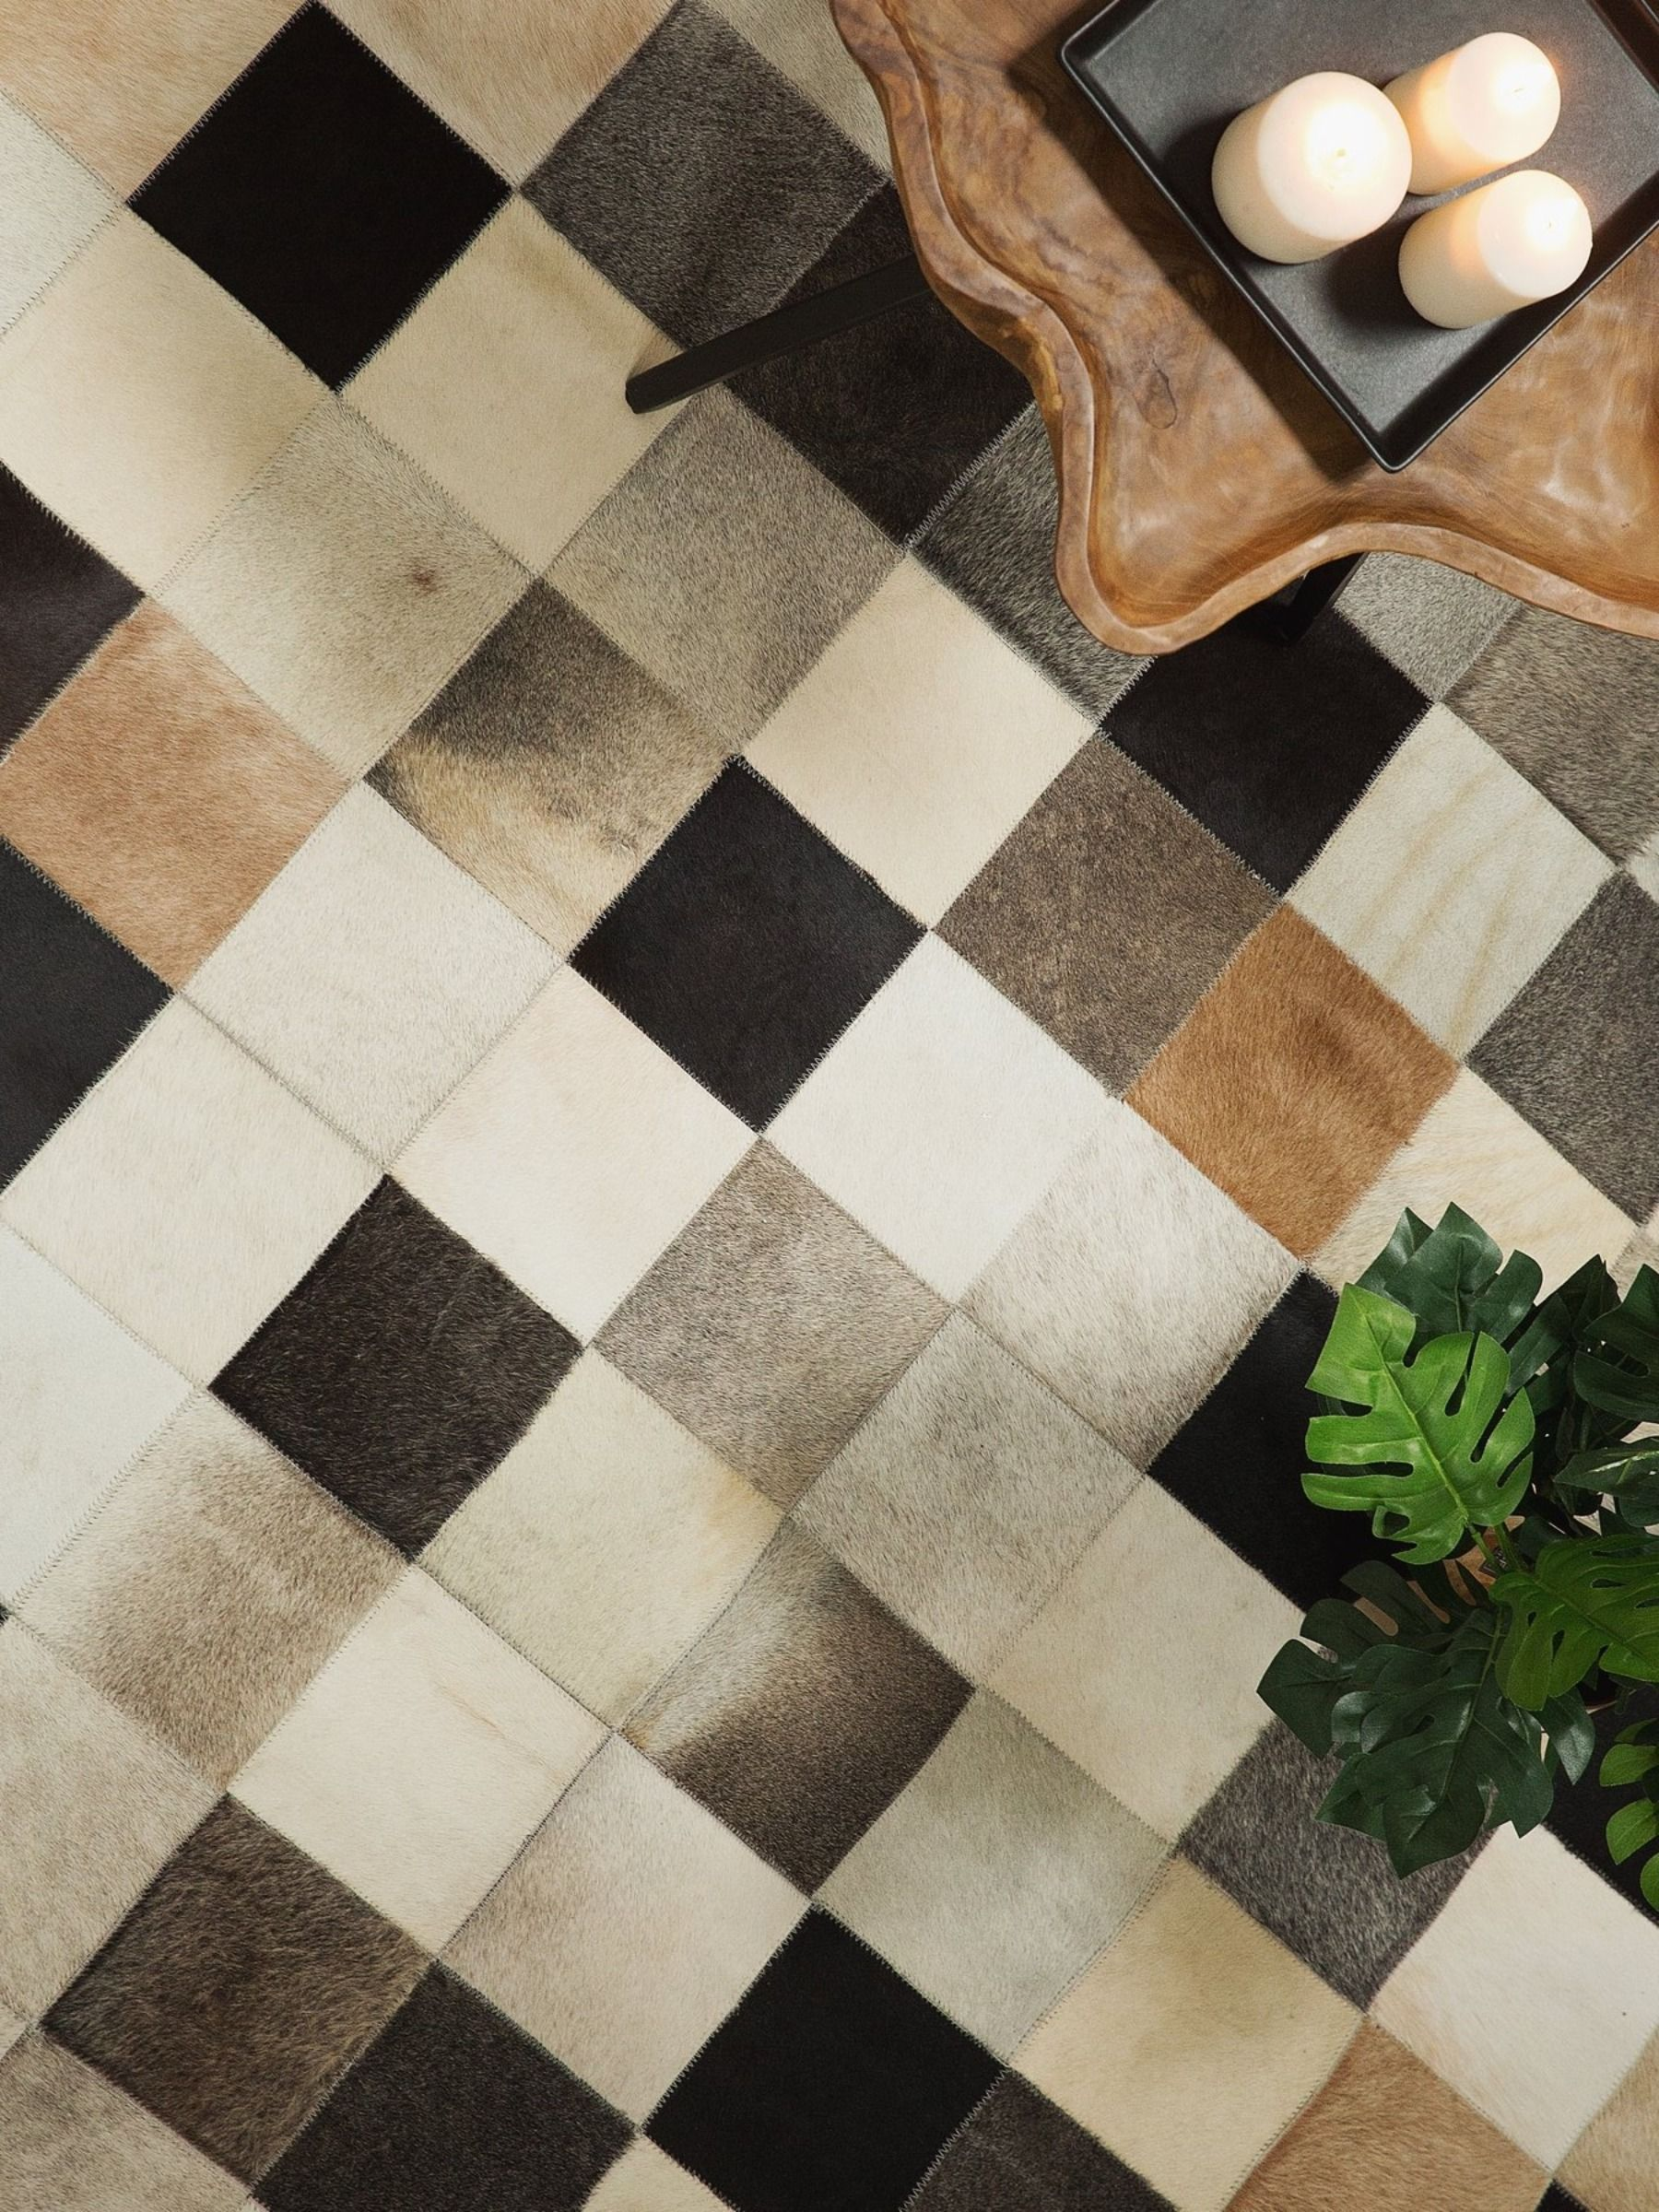 Teppich Leder Braun Beige Grau 200 X 300 Cm Patchwork Soke Mit Bildern Teppich Braun Beige Teppich Braun Braun Beige